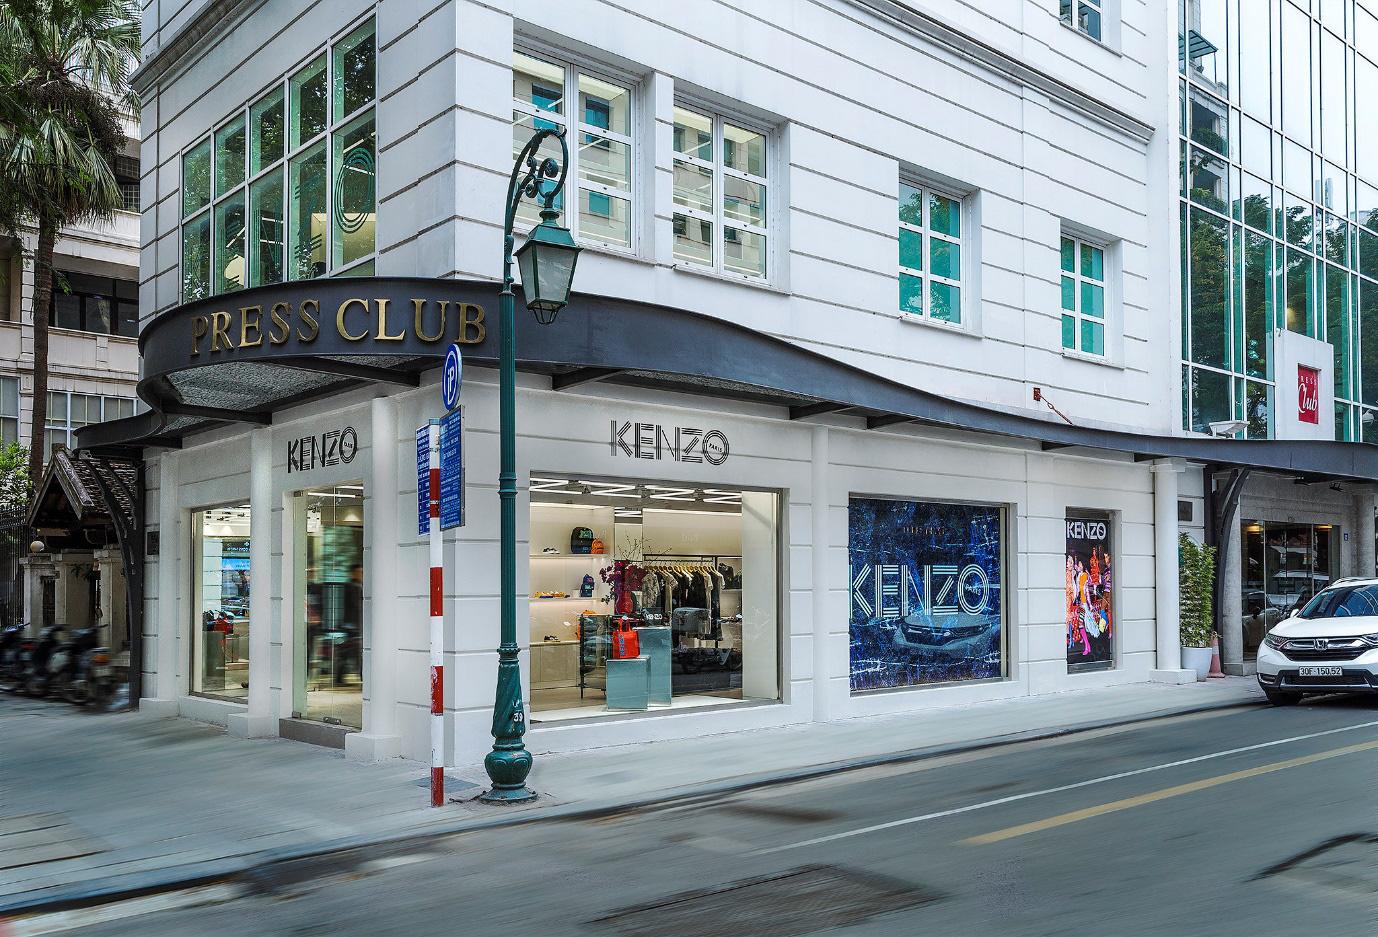 KENZO chào đón cửa hàng mới tại địa điểm đẹp bậc nhất Hà Nội - Ảnh 1.